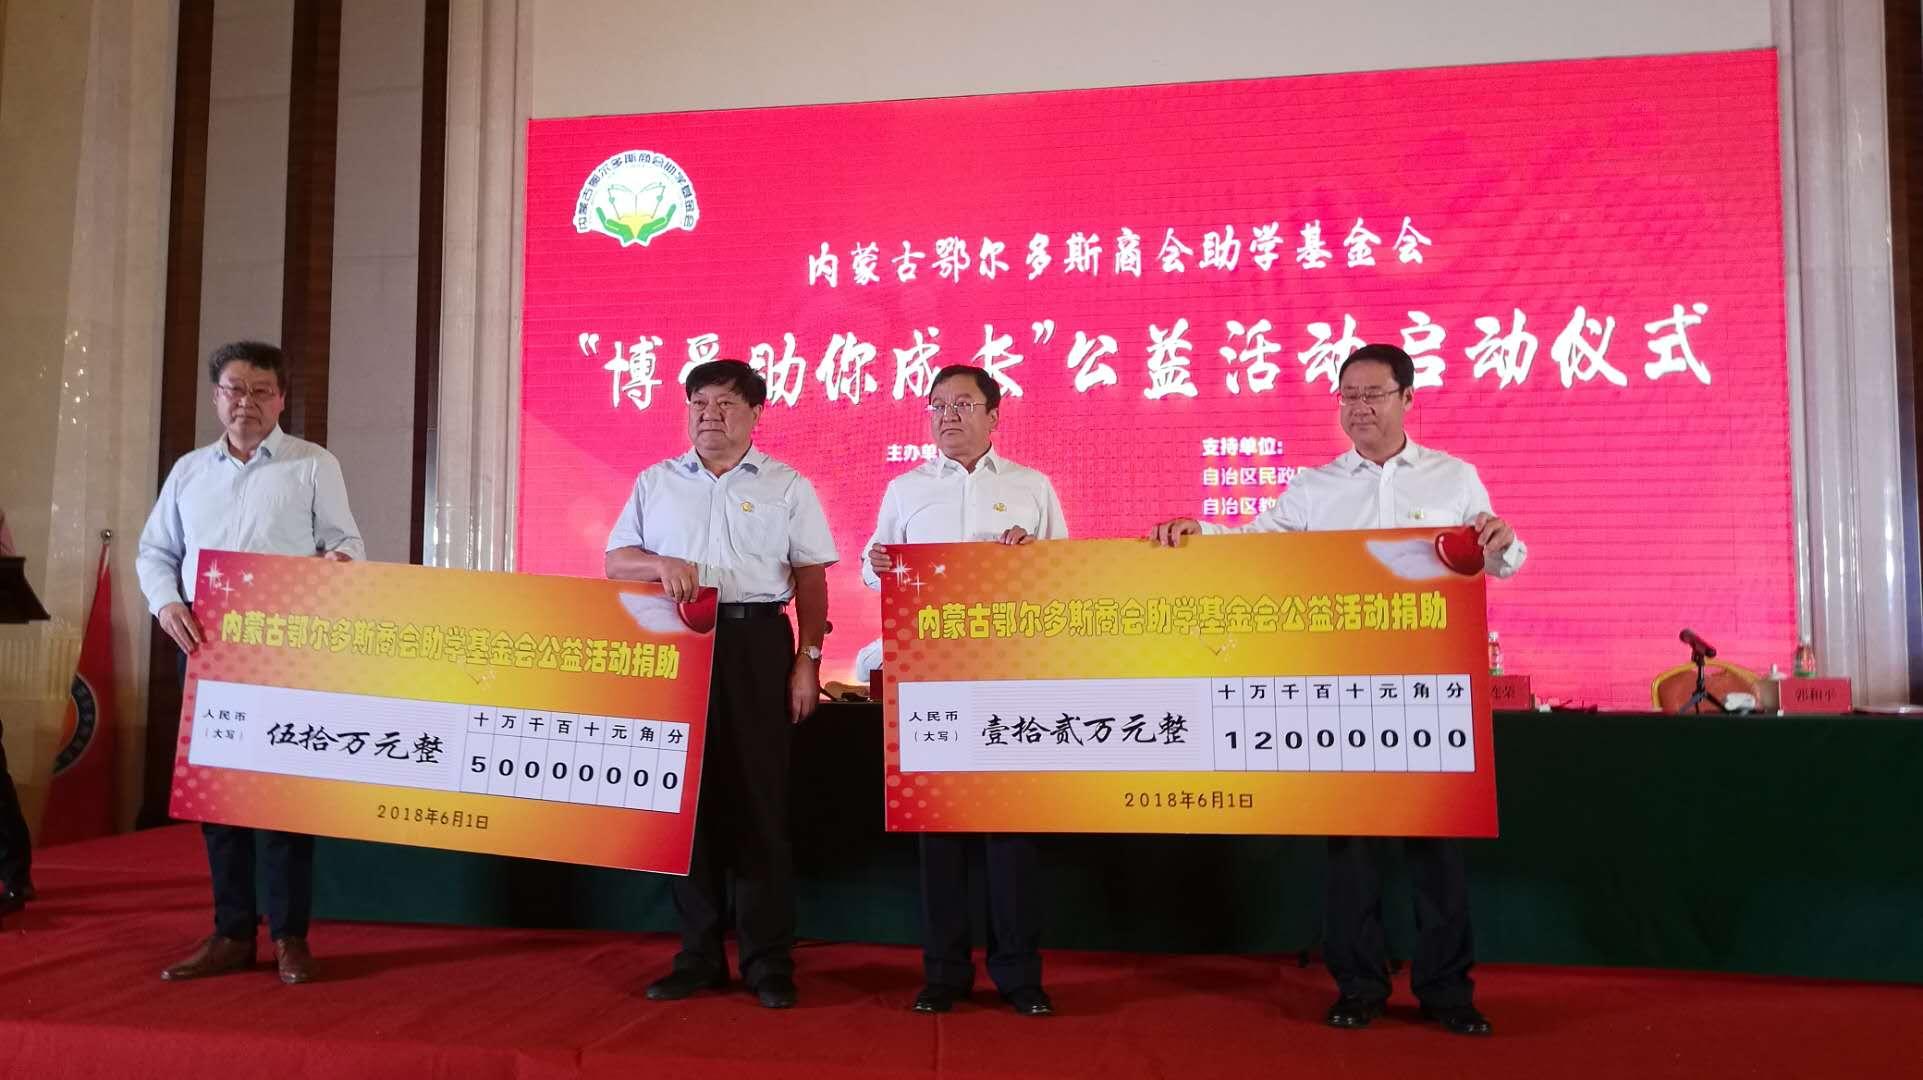 """内蒙古鄂尔多斯商会助学基金会在鄂尔多斯市举行了""""博爱助你成长""""公益活动启动仪式"""